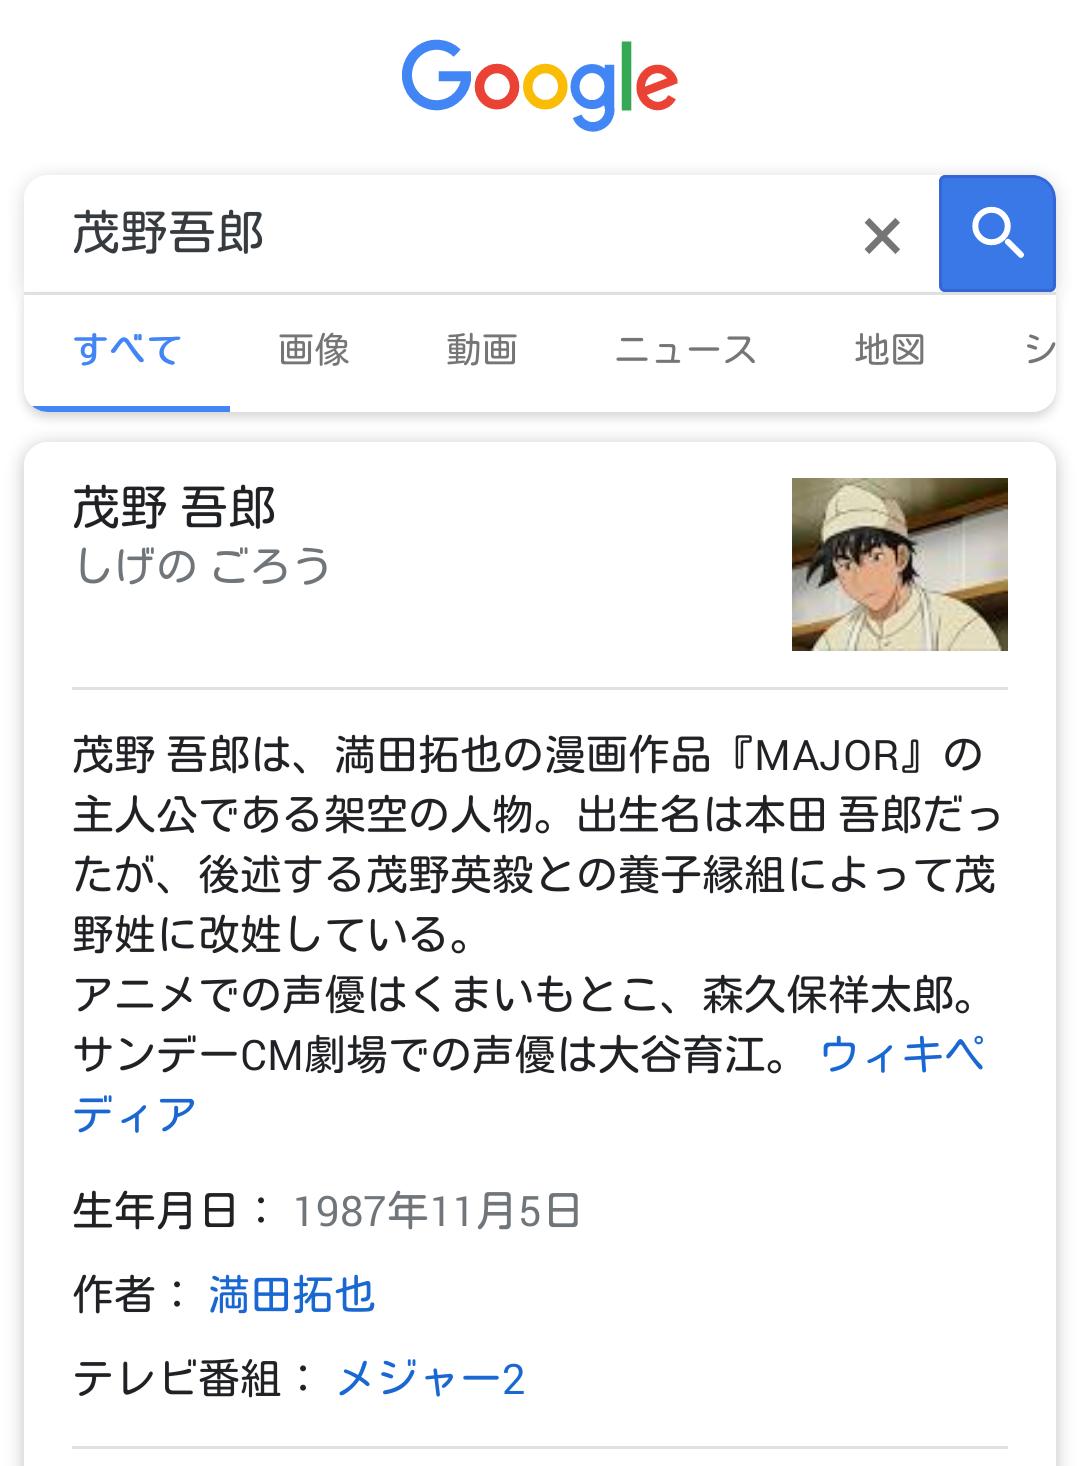 茂野吾郎って検索したら